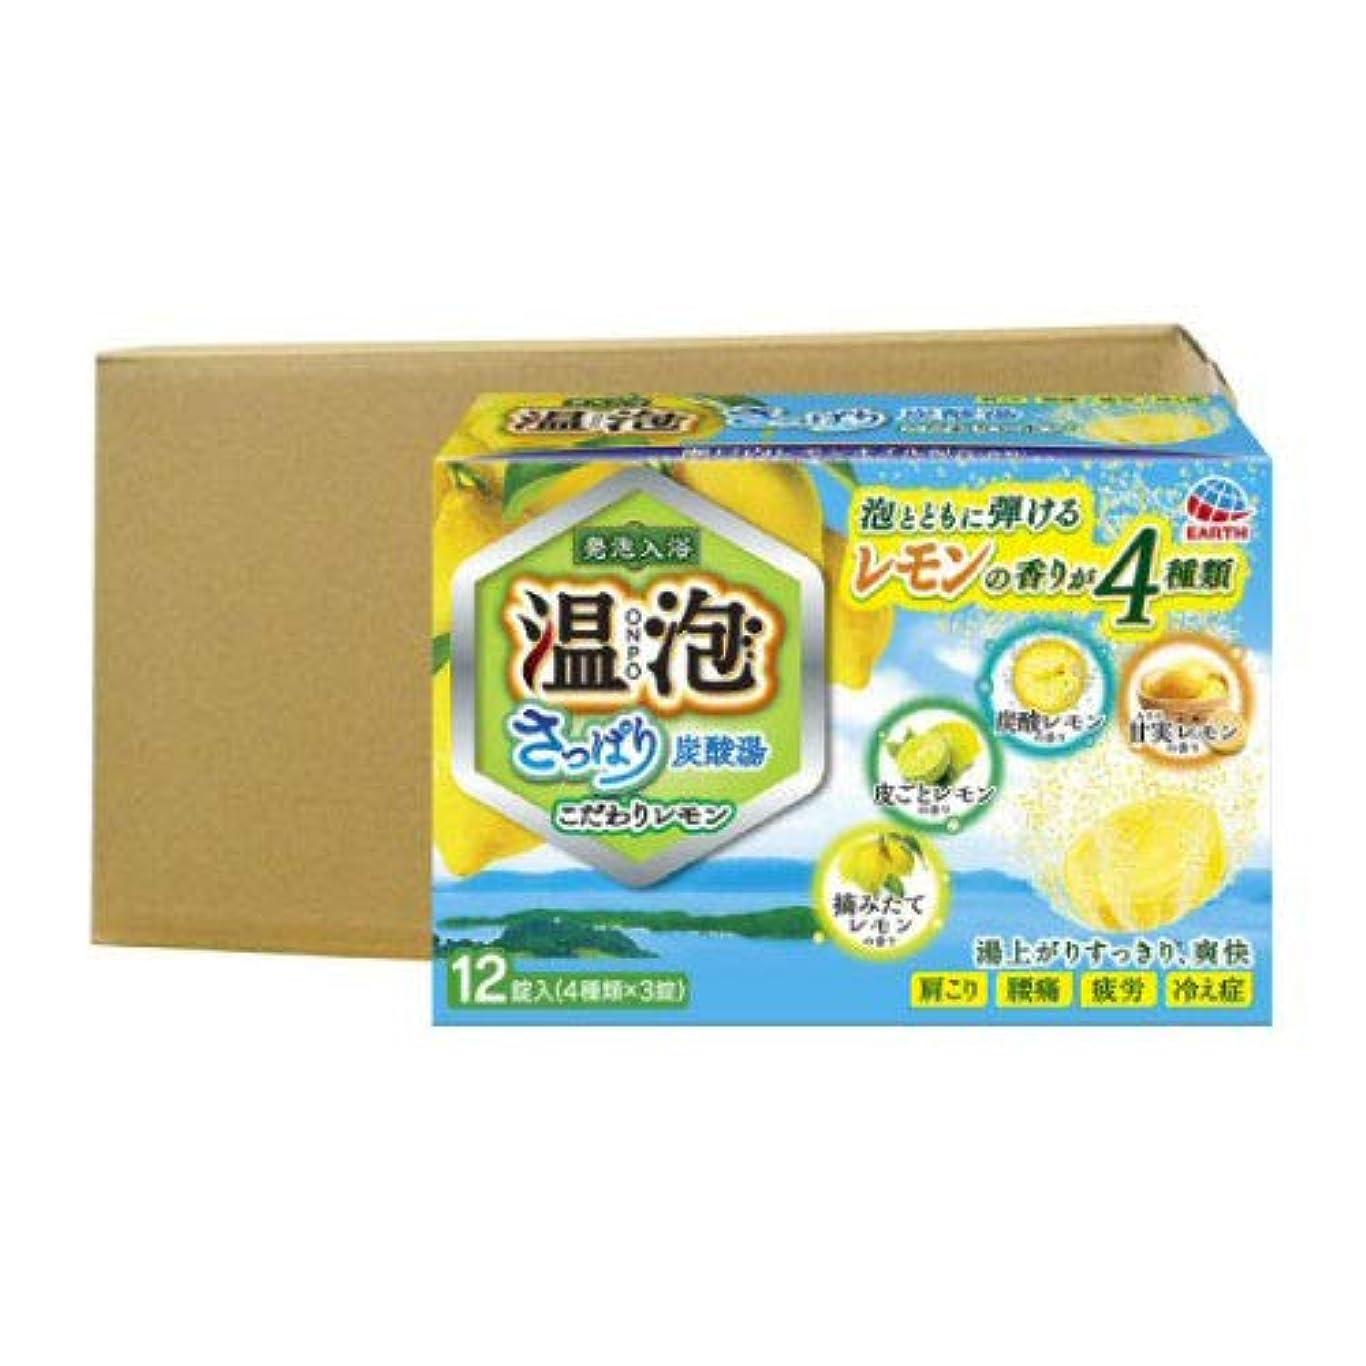 設計蒸ポゴスティックジャンプ温泡 ONPO さっぱり炭酸湯 こだわりレモン 12錠入〈4種×3錠〉×16個